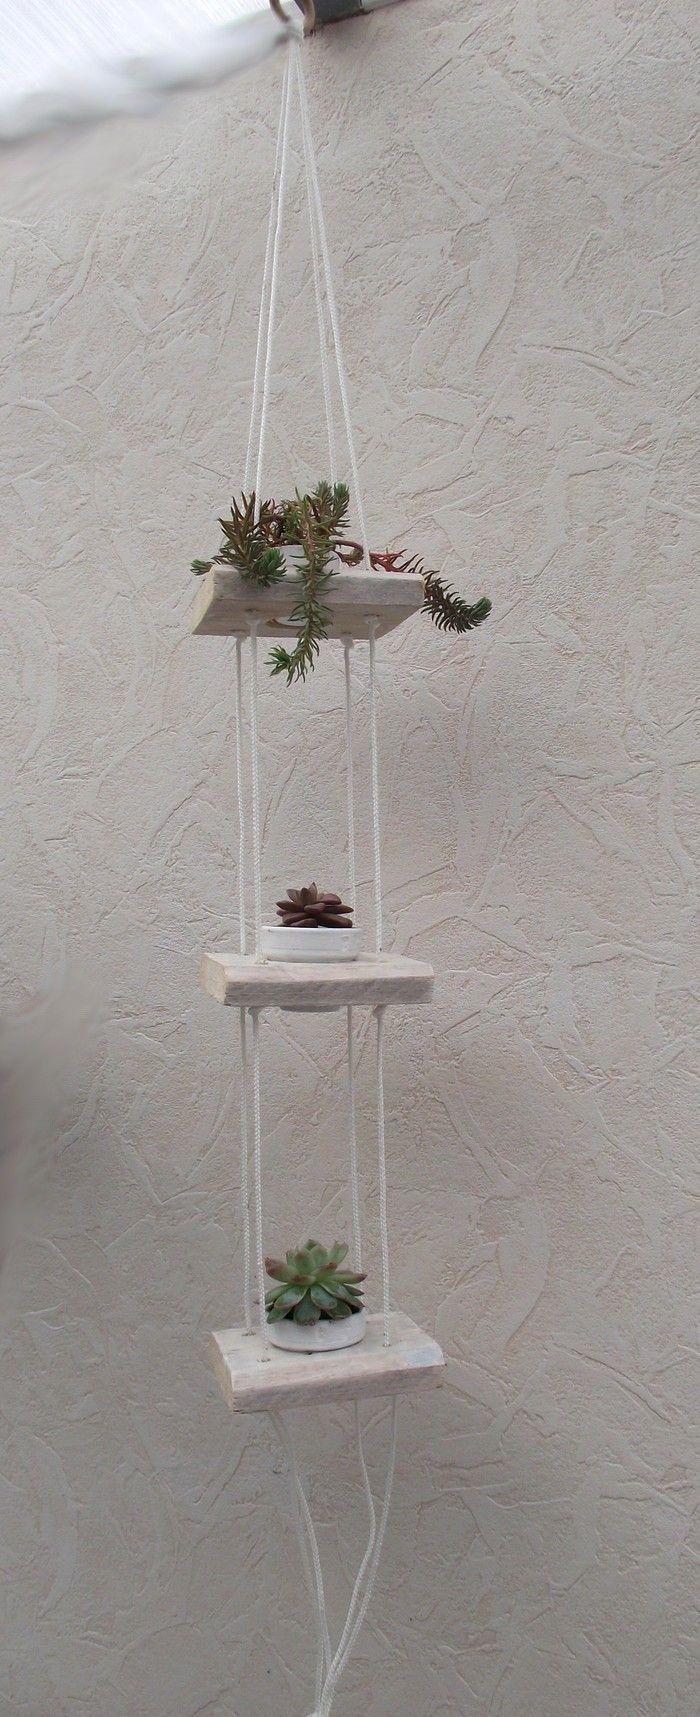 Suspension pour fleurs, faite avec du bois de palette, trois morceaux de 10cm sur 10cm avec un trou au milieu fait avec une scie cloche en fonction des petits pots. Dans les pots des plantes succulentes ,en haut Orpins des rochers (sédum), au milieu un crassula perforata,en bas une joubarbe gris bleuté.